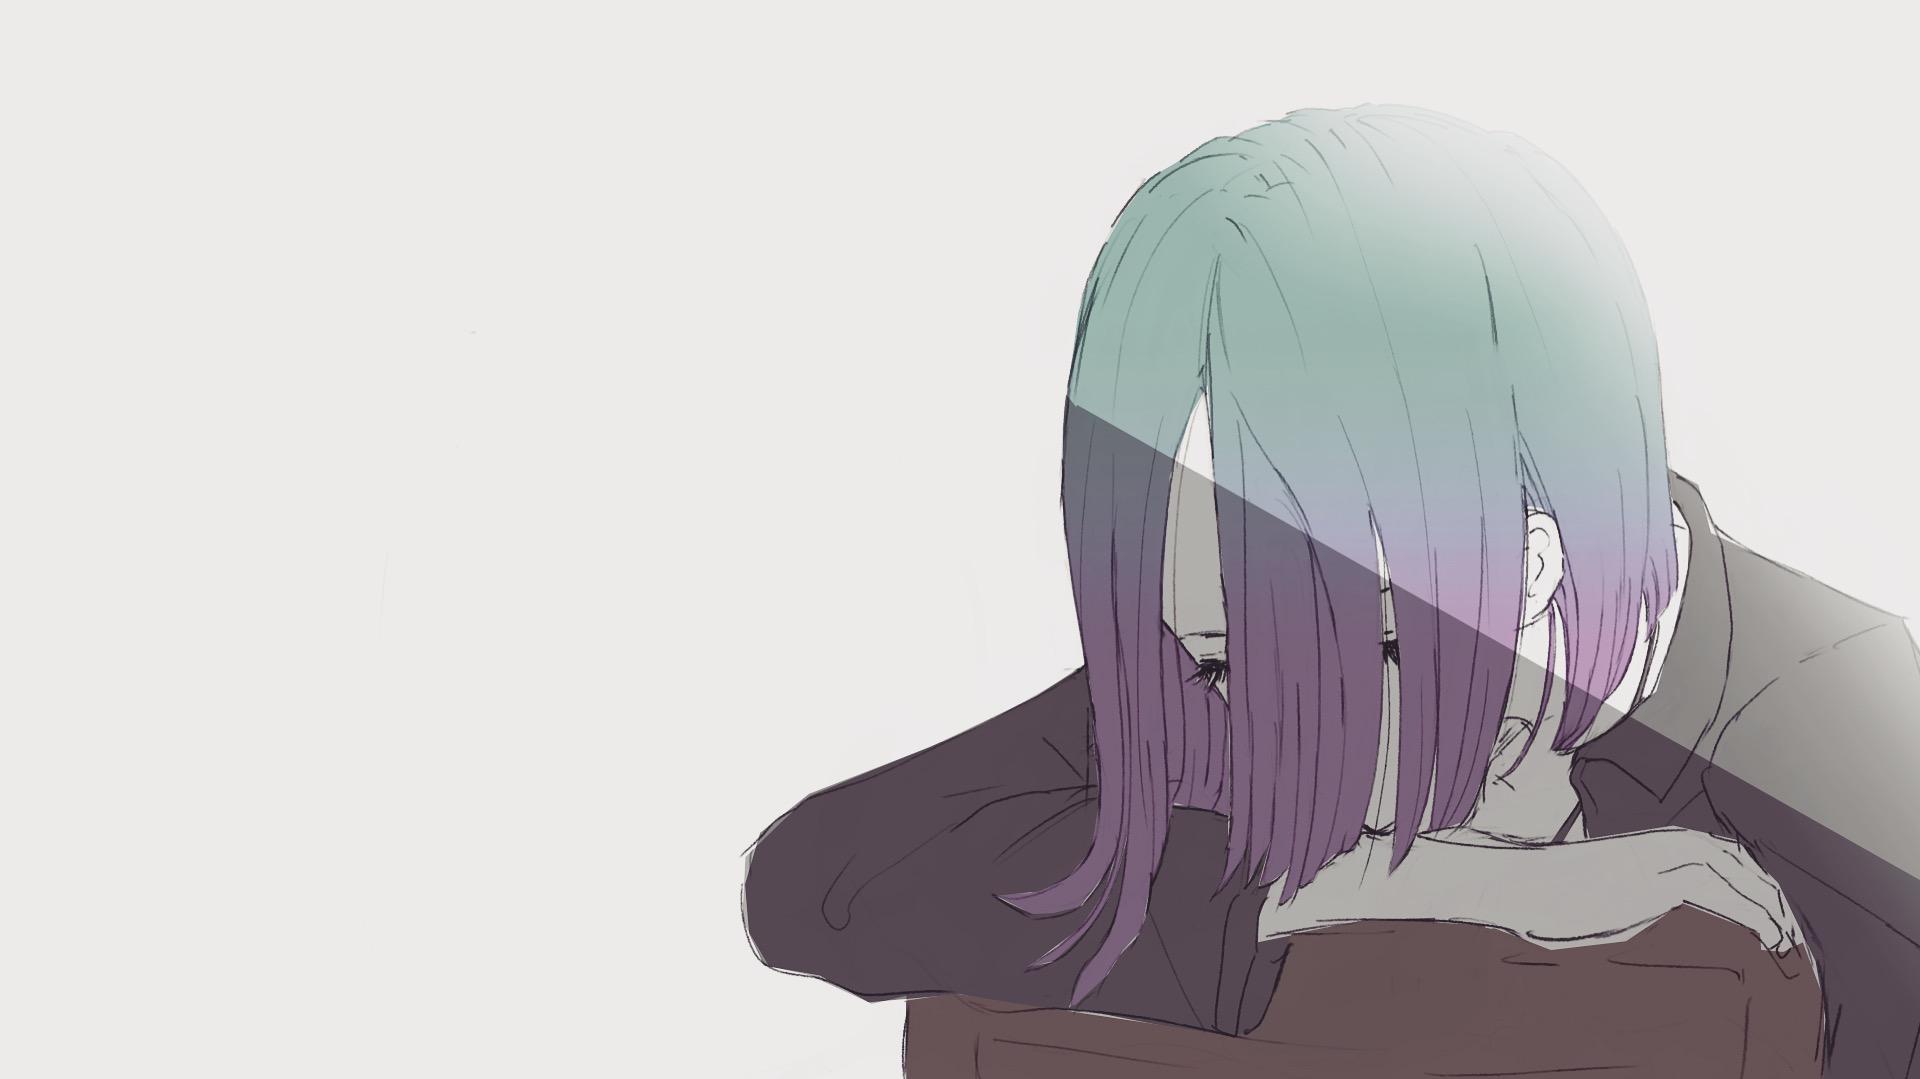 うたたねするショートカットのグラデ髪の女の子のイラスト